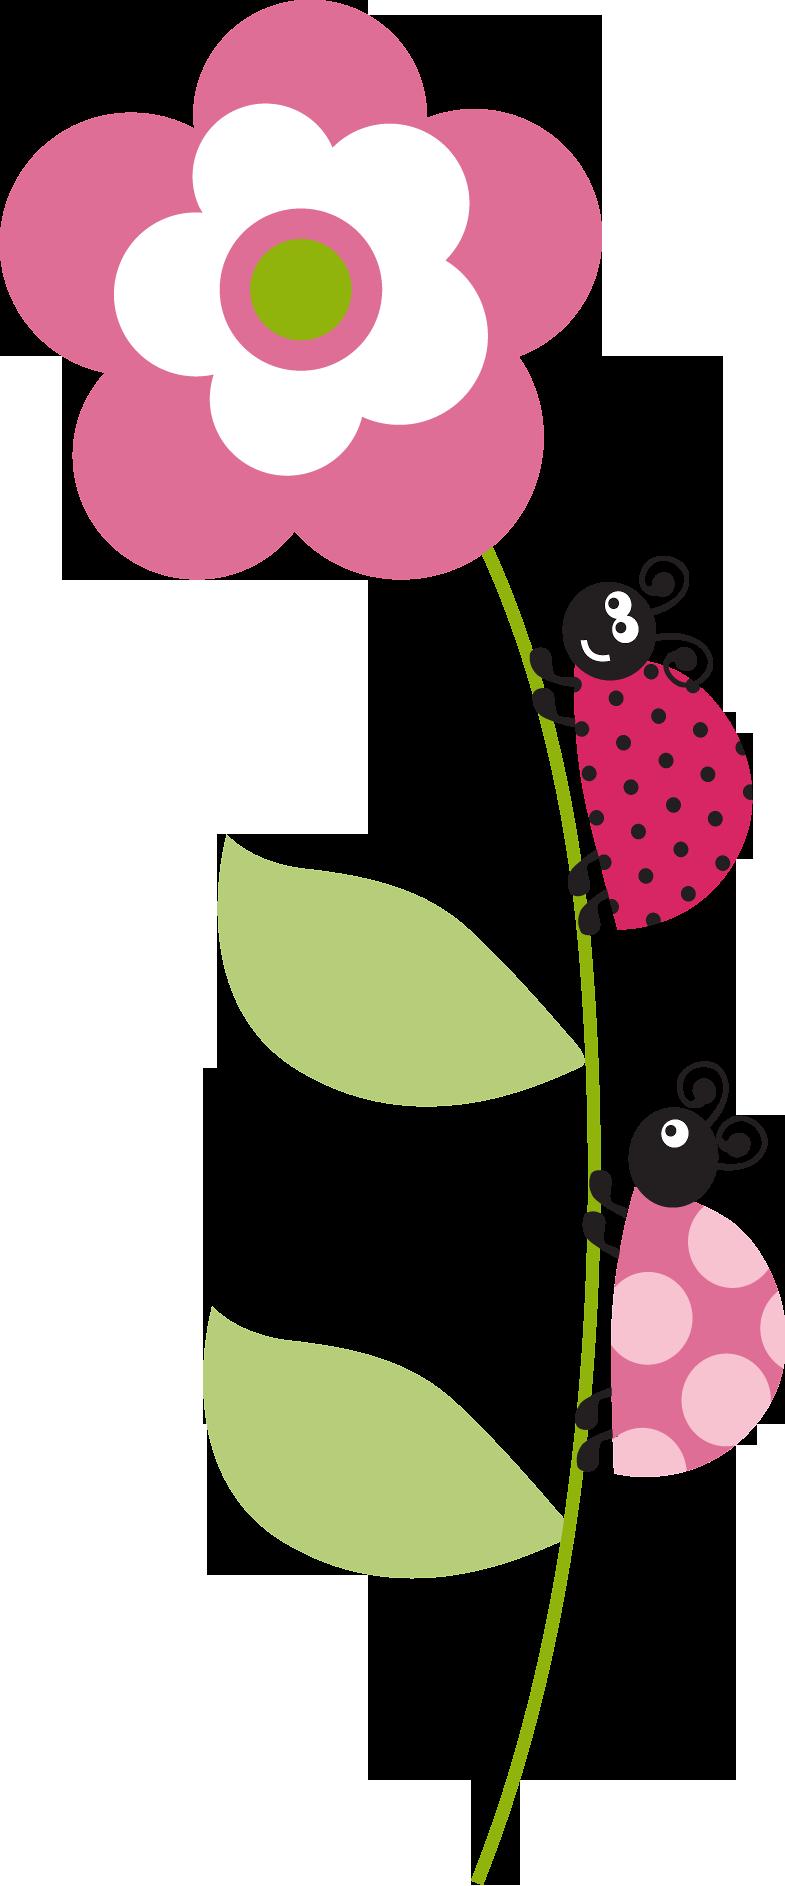 Joaninha - Minus | aplicaciones | Pinterest | Dibujo, Mariquita y ...